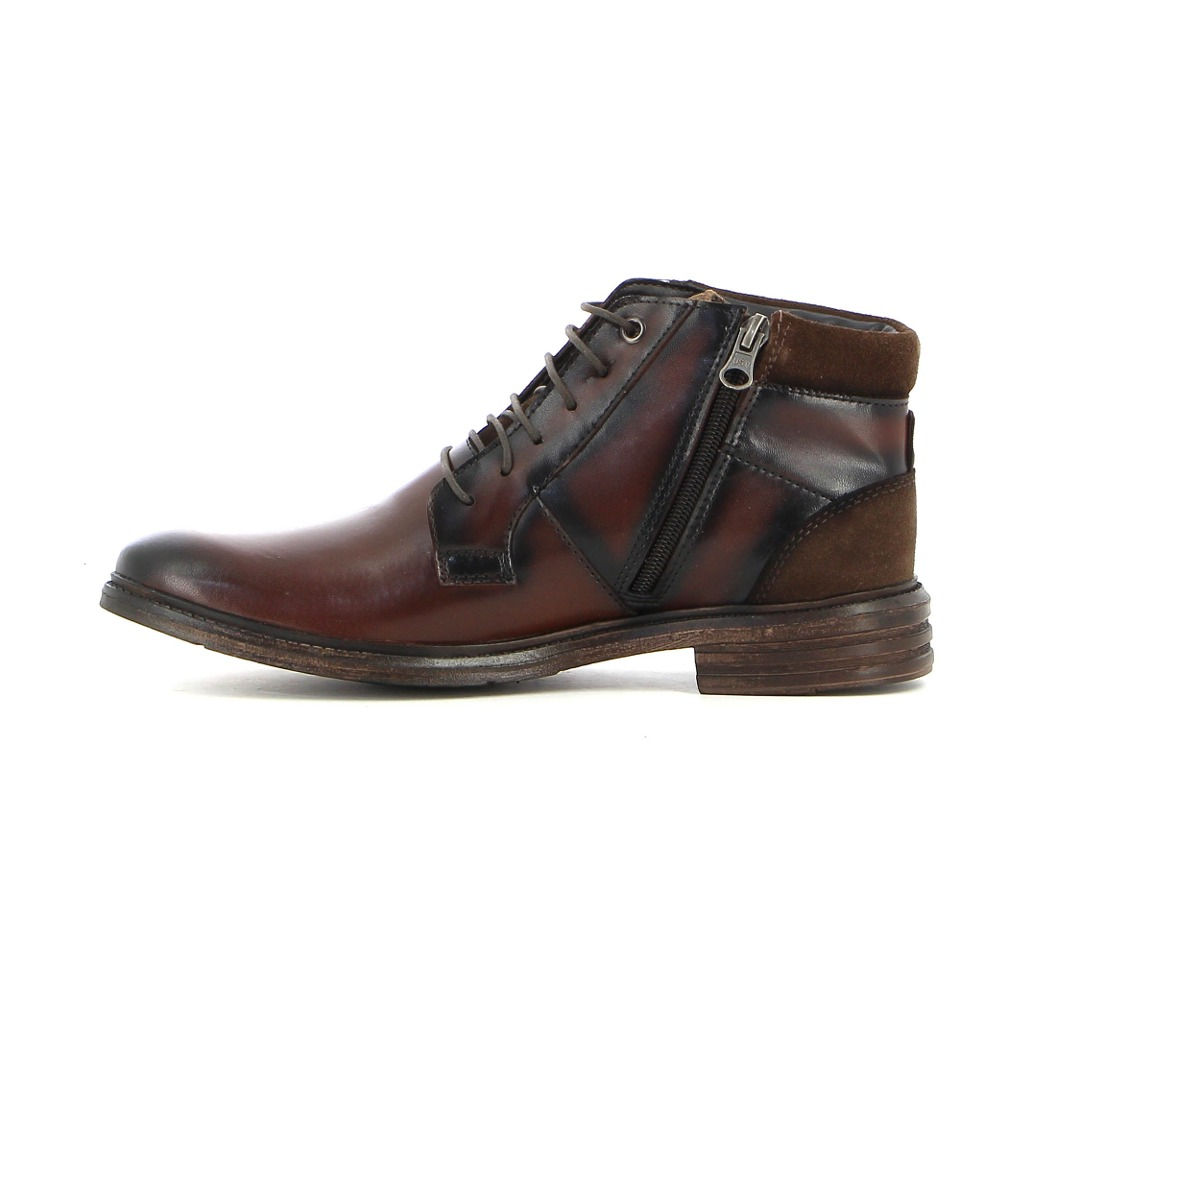 5df89e2e06e zapato formal hombre valecci botin marrón oscuro. Cargando zoom.